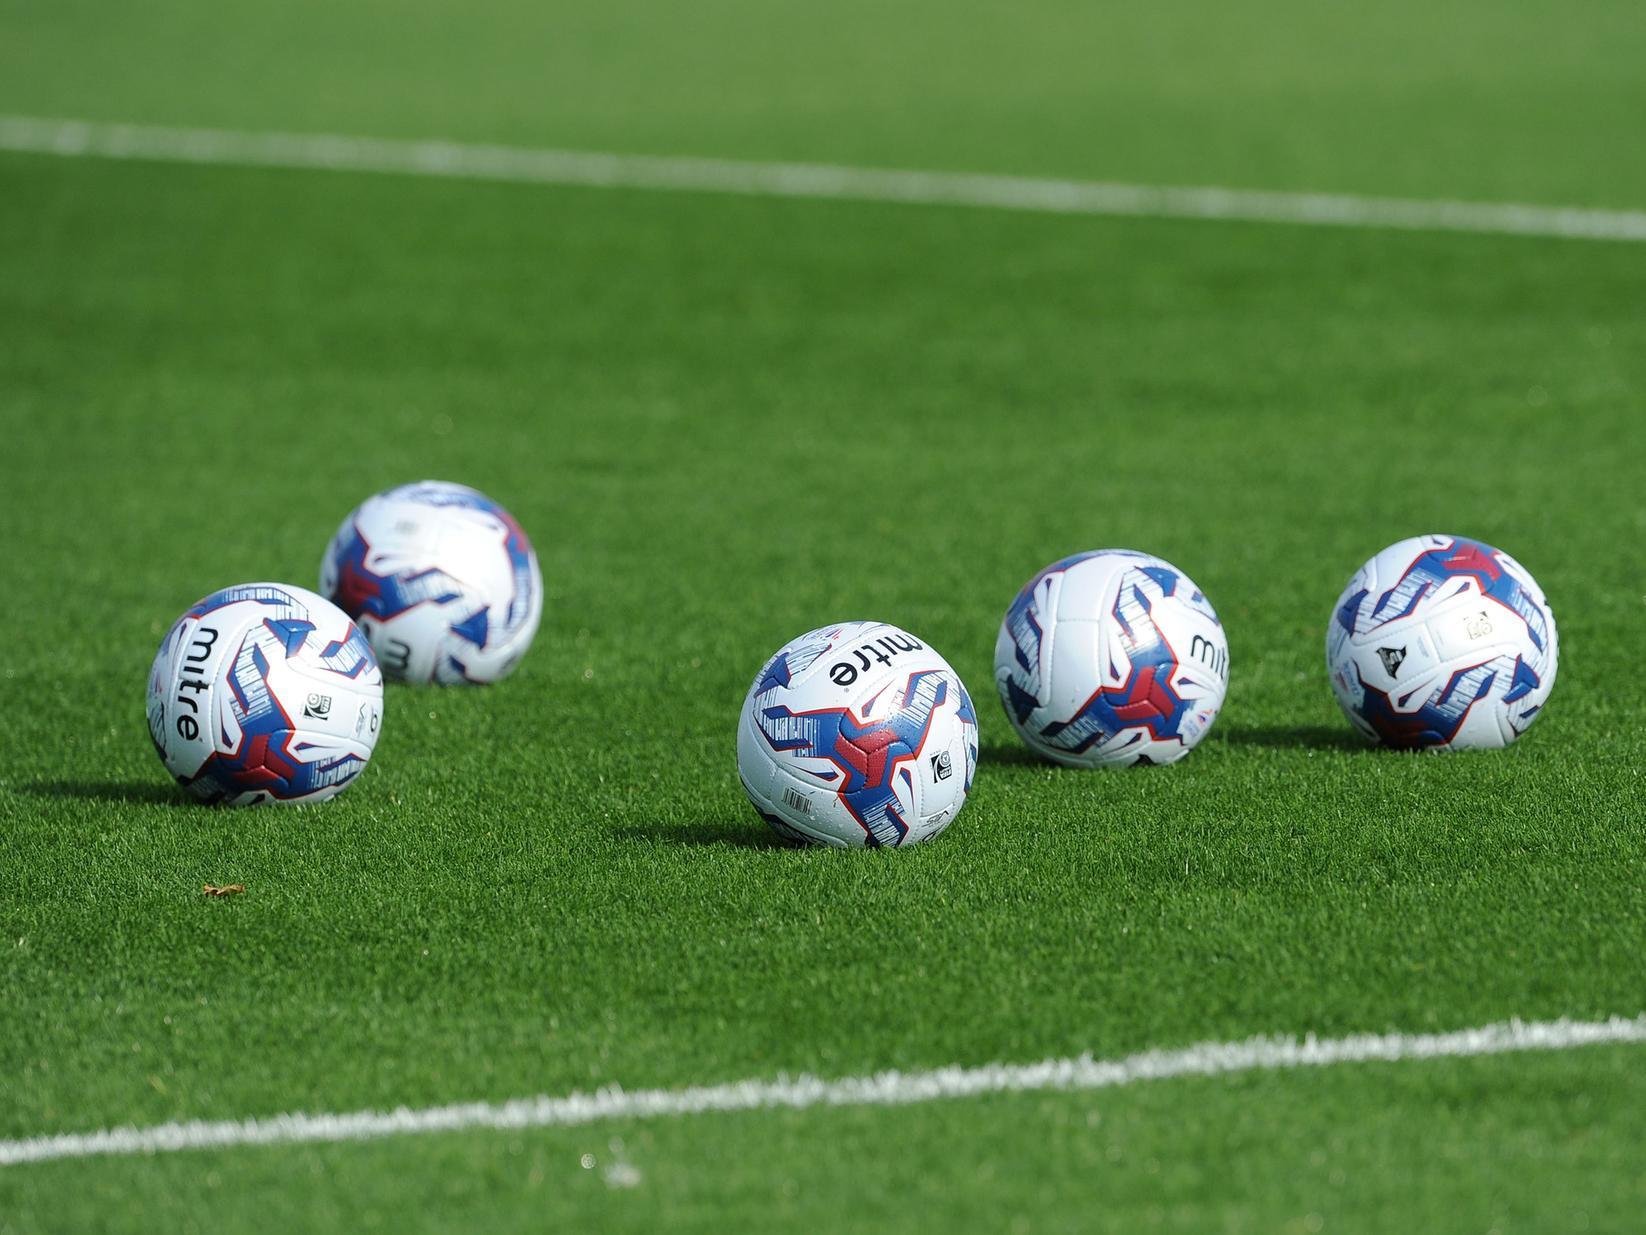 Scottish Football Live: Cross boarder season agreement in tatters as clubs fear £1 billion bill